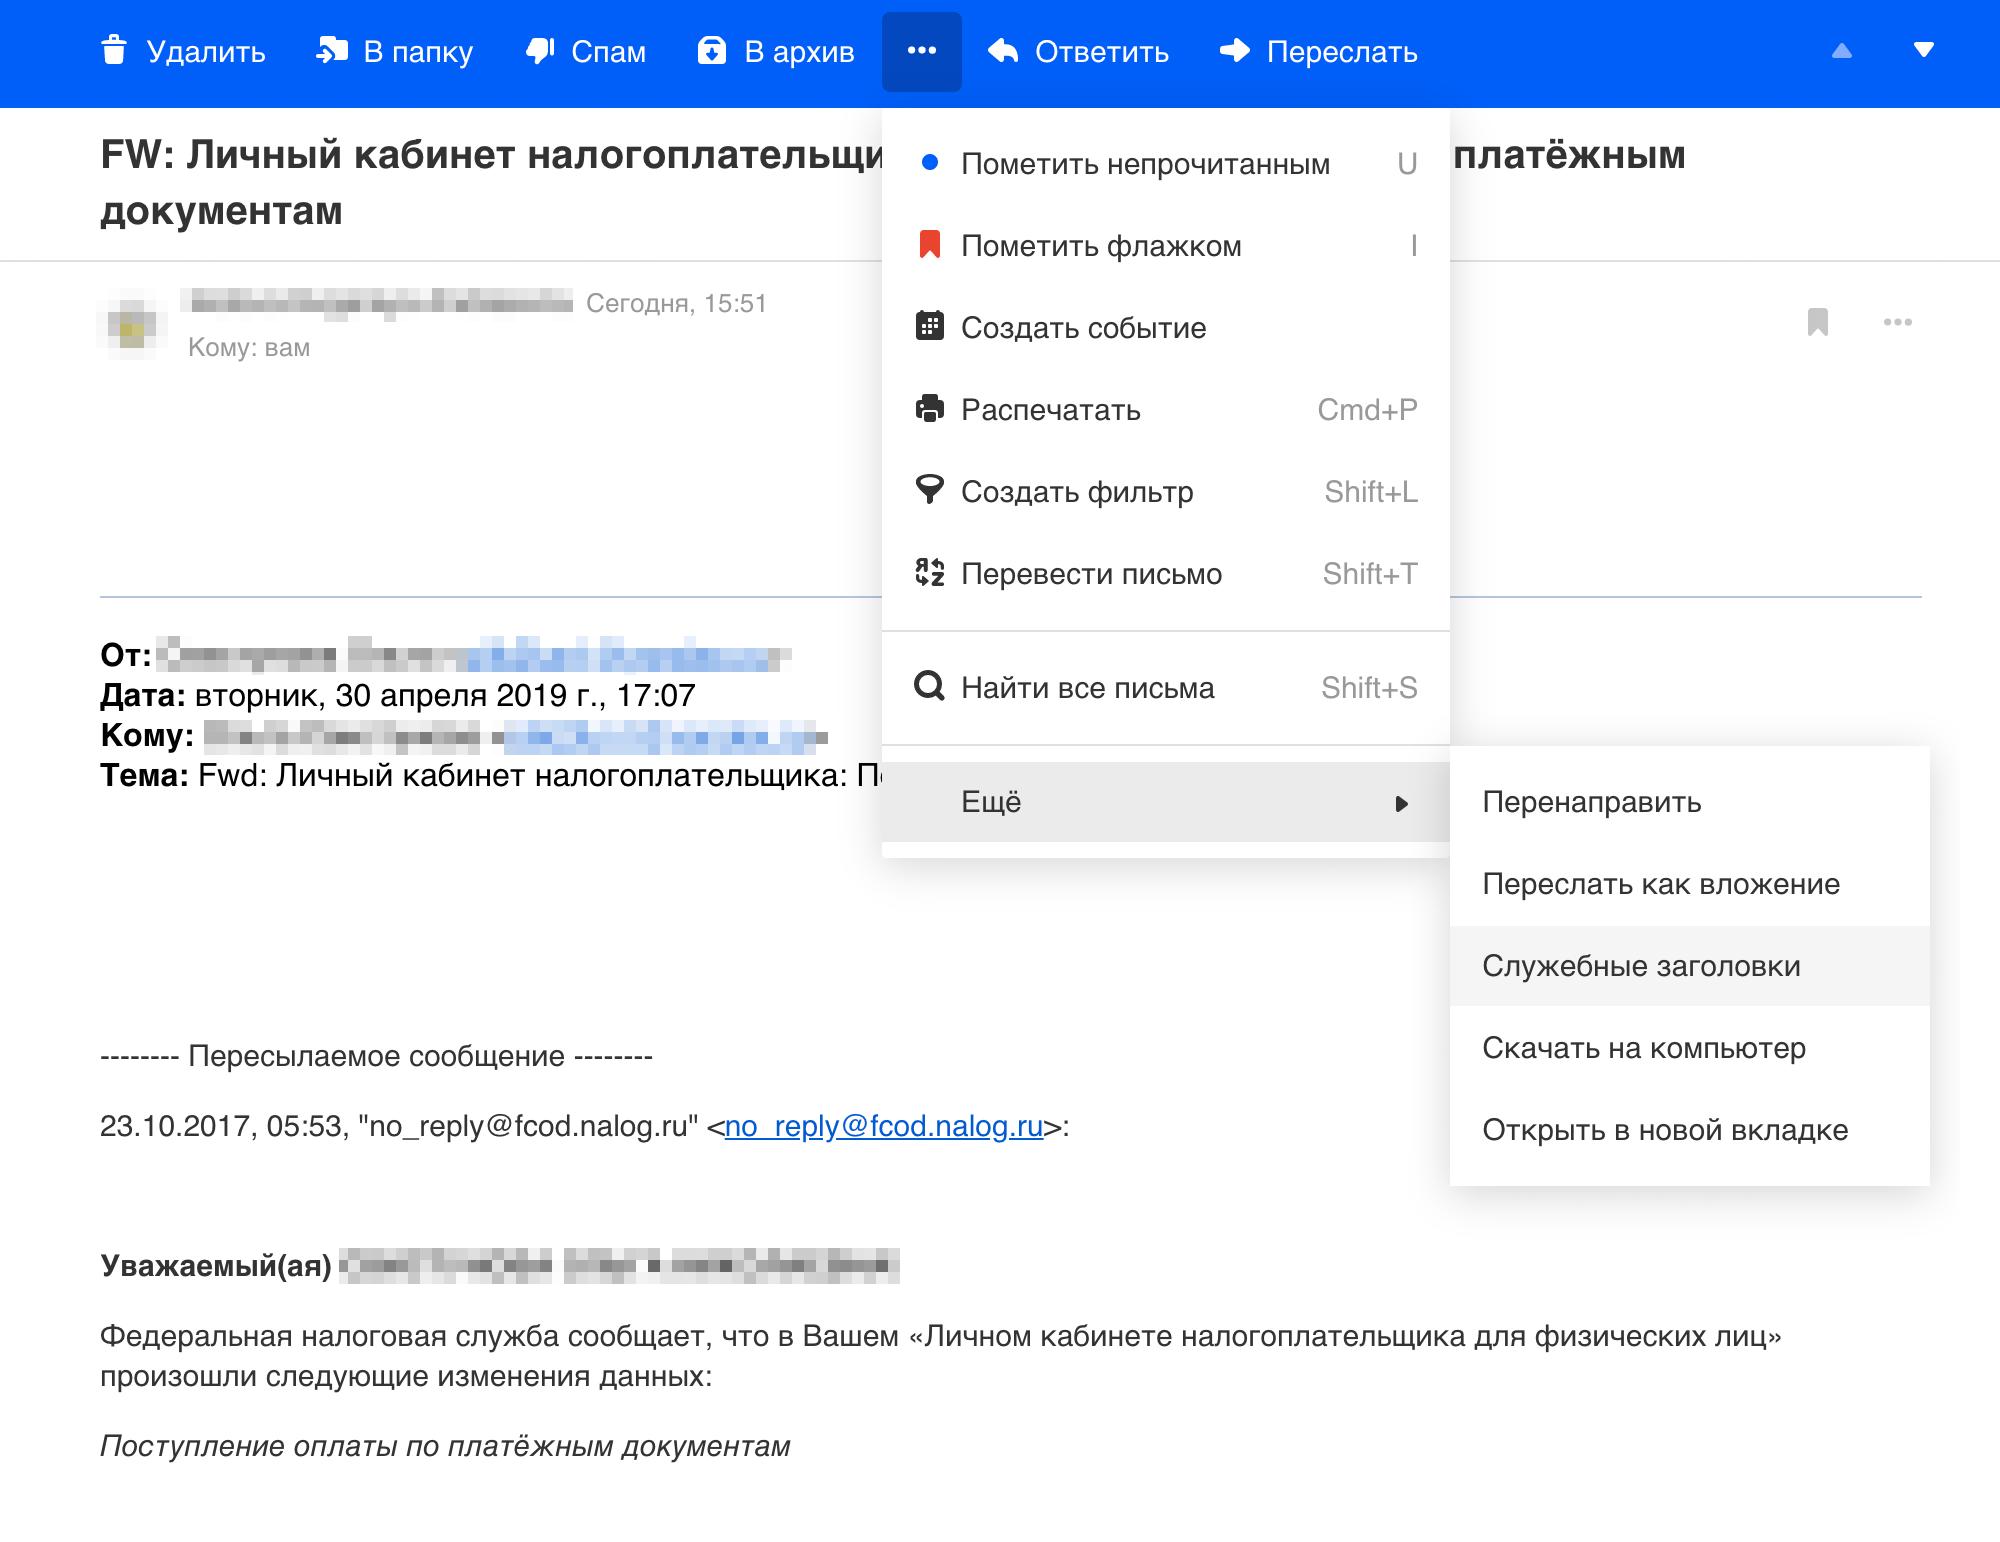 eto-spam-14.apzuhsi4khww